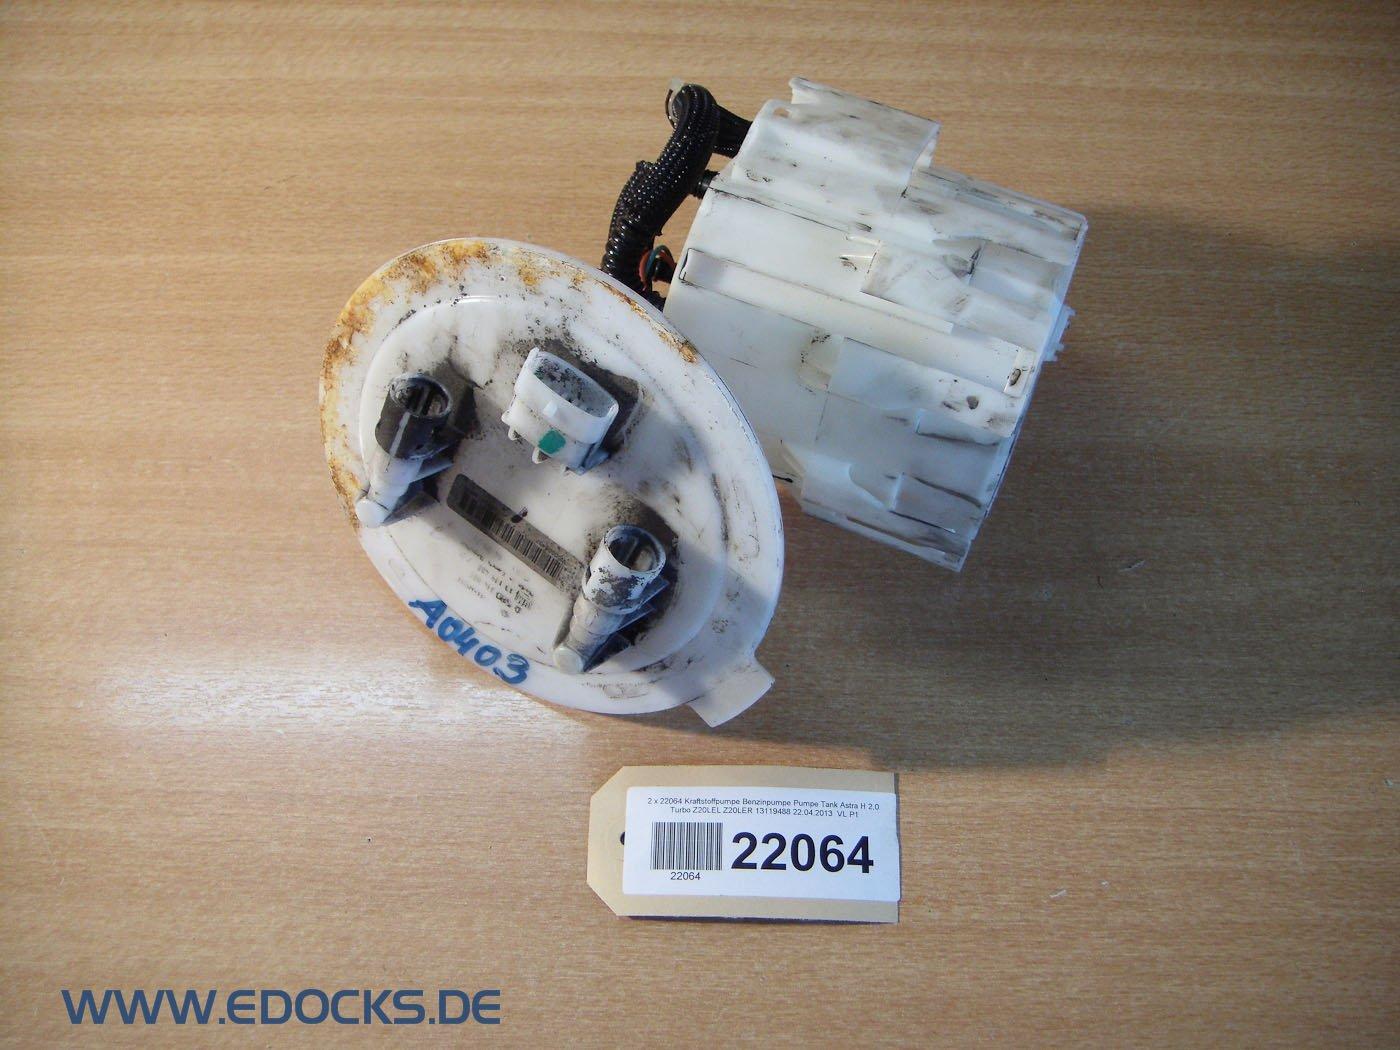 Bomba de combustible Bomba de gasolina, depósito Astra H 2,0 Turbo z20lel z20ler Opel: Amazon.es: Coche y moto